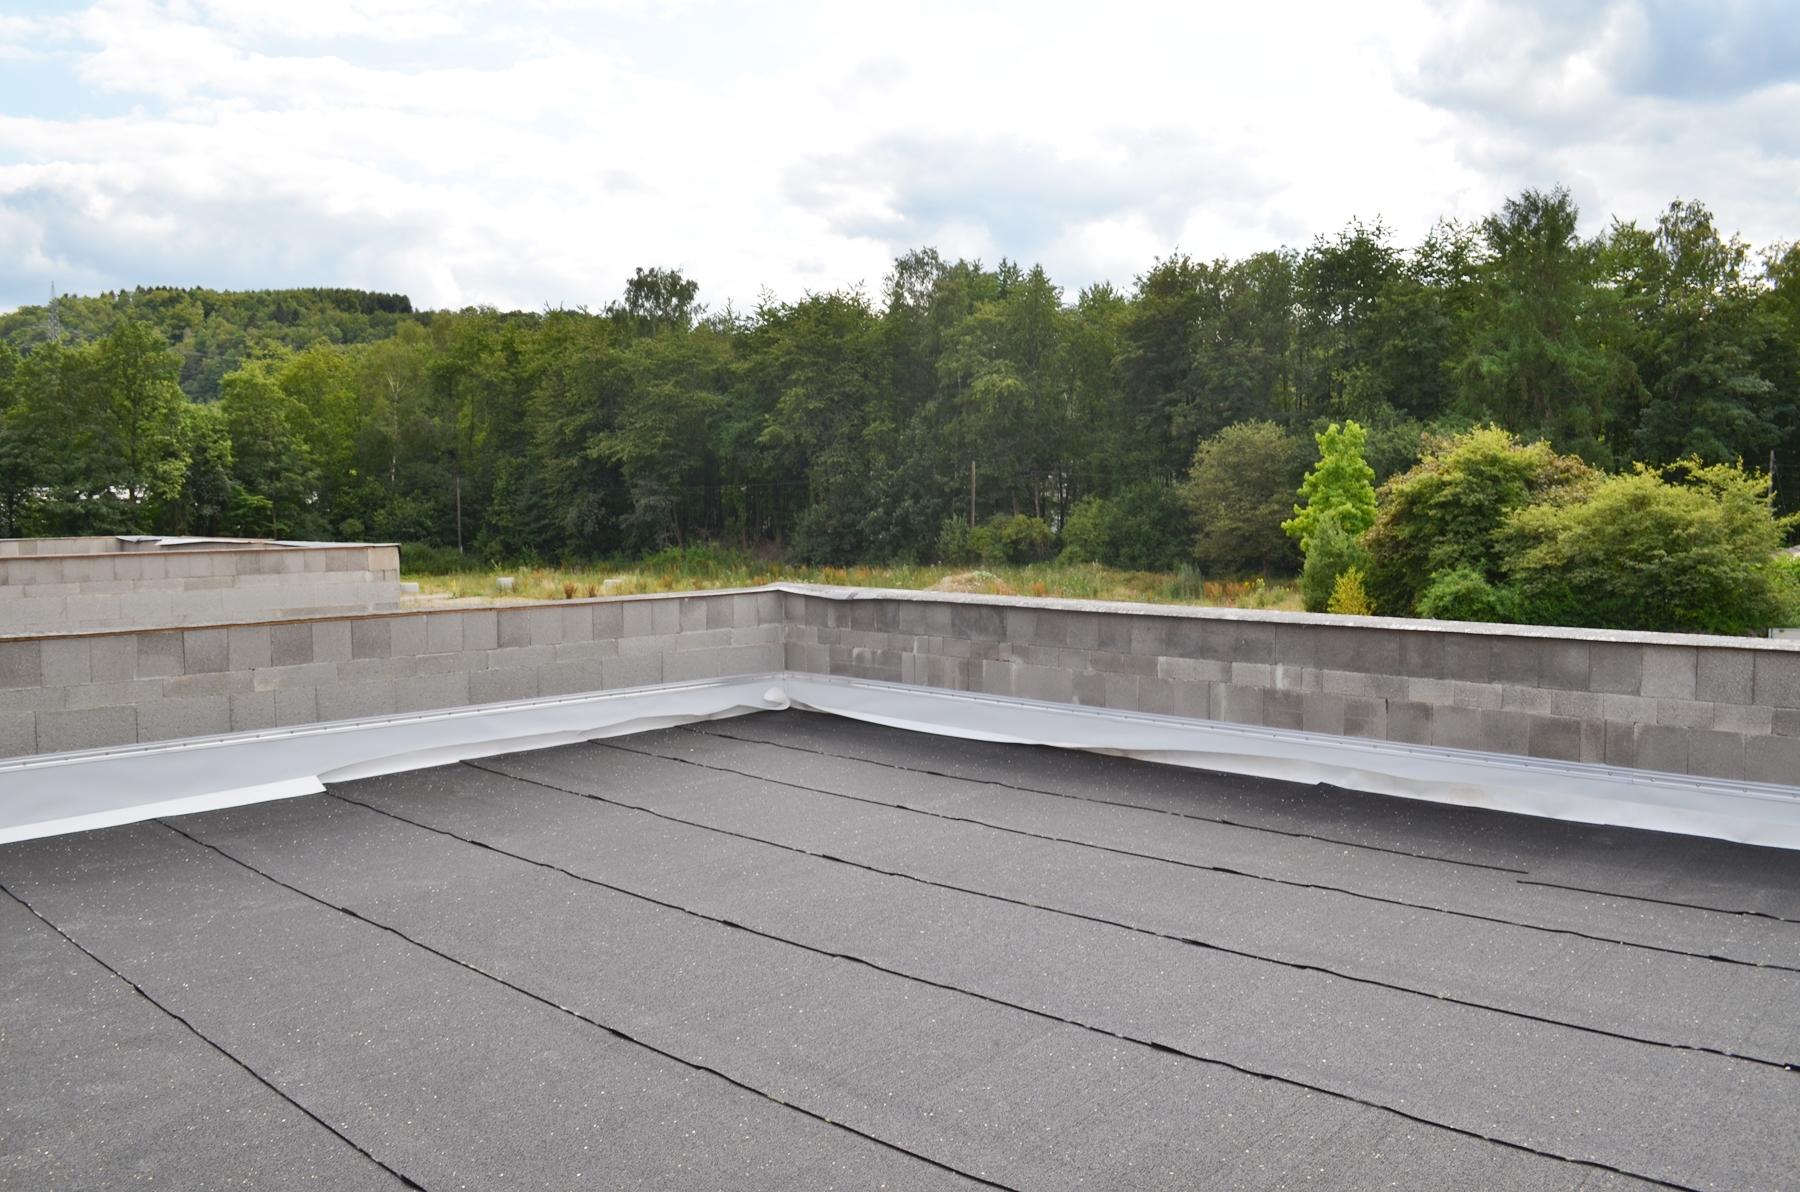 Flick Treuconsult-Lebenswert Deichwald-Dachterrasse Ausblick